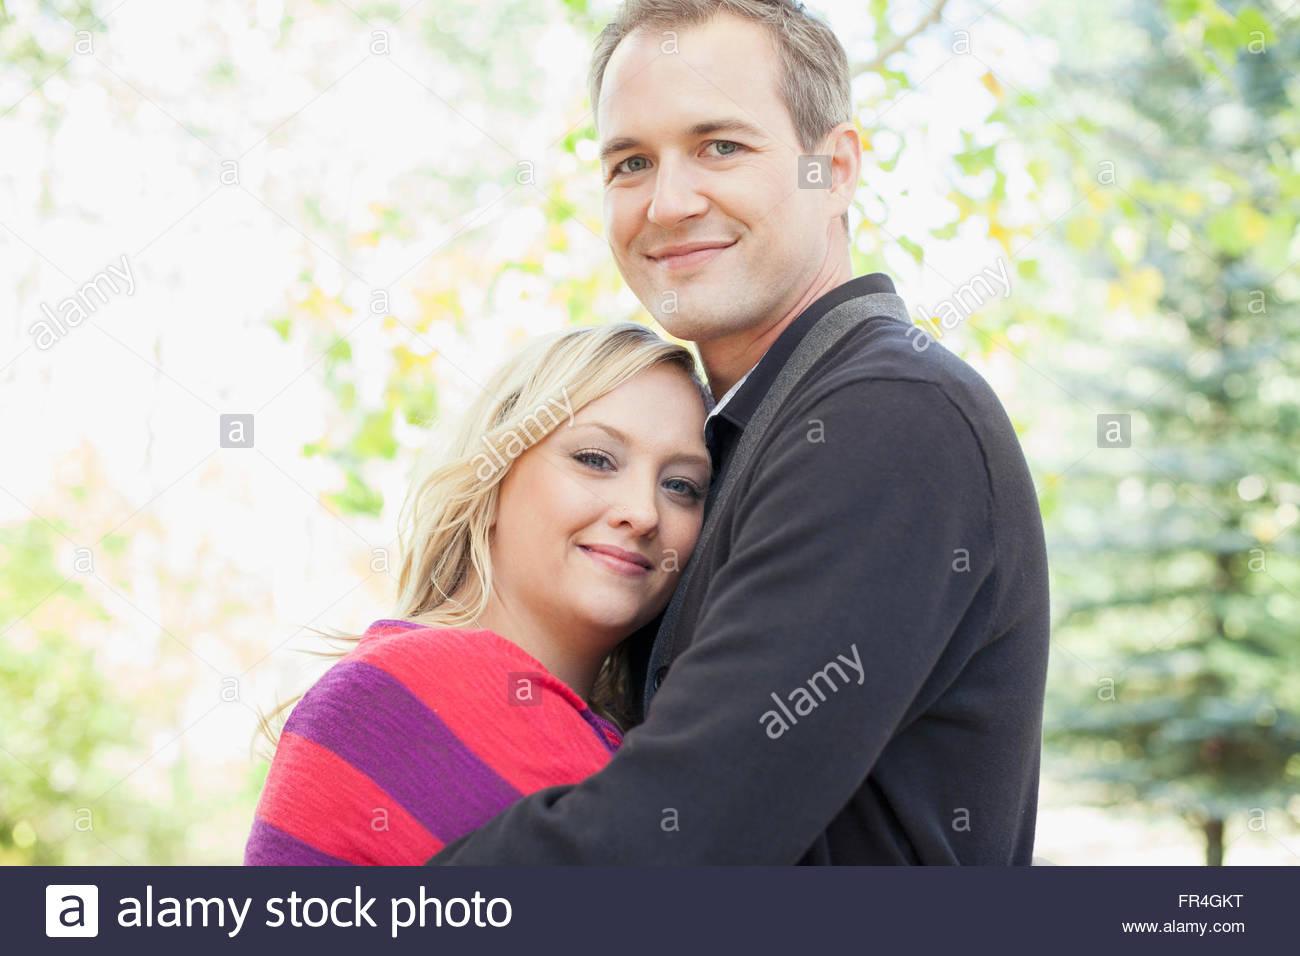 Porträt von attraktiven Mann und Frau einander umarmen. Stockbild